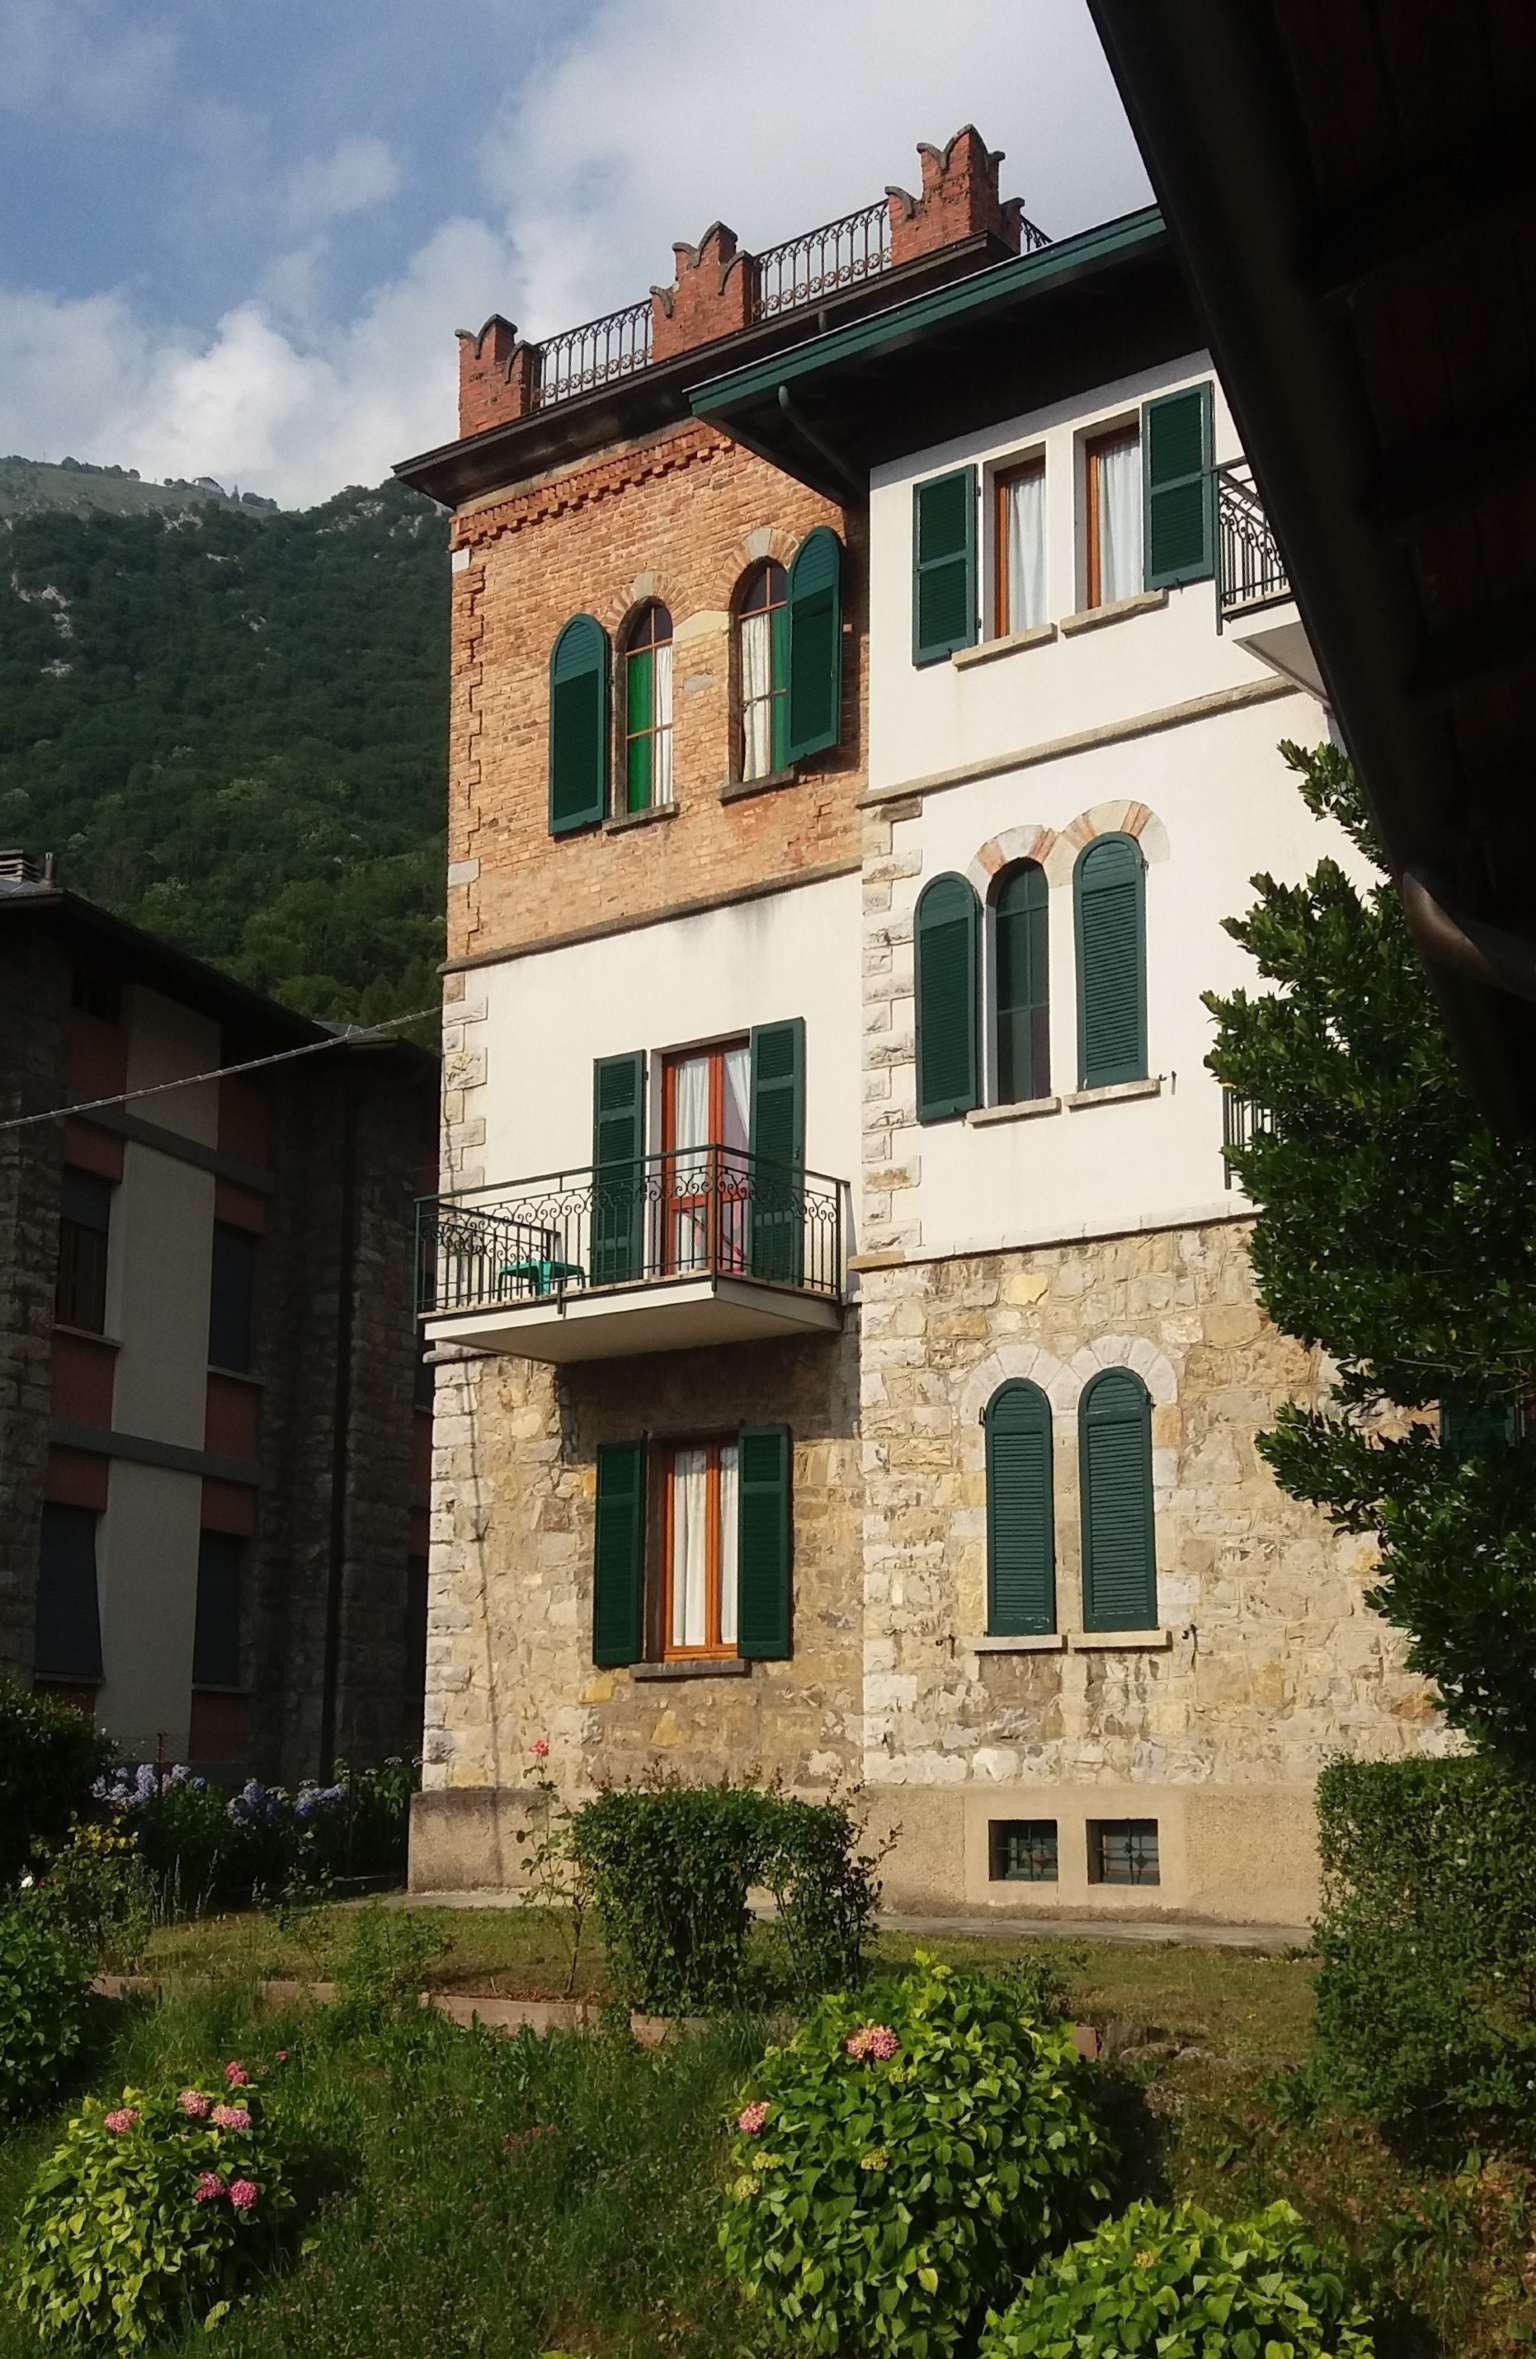 Casa indipendente in Vendita a Barzio: 5 locali, 422 mq